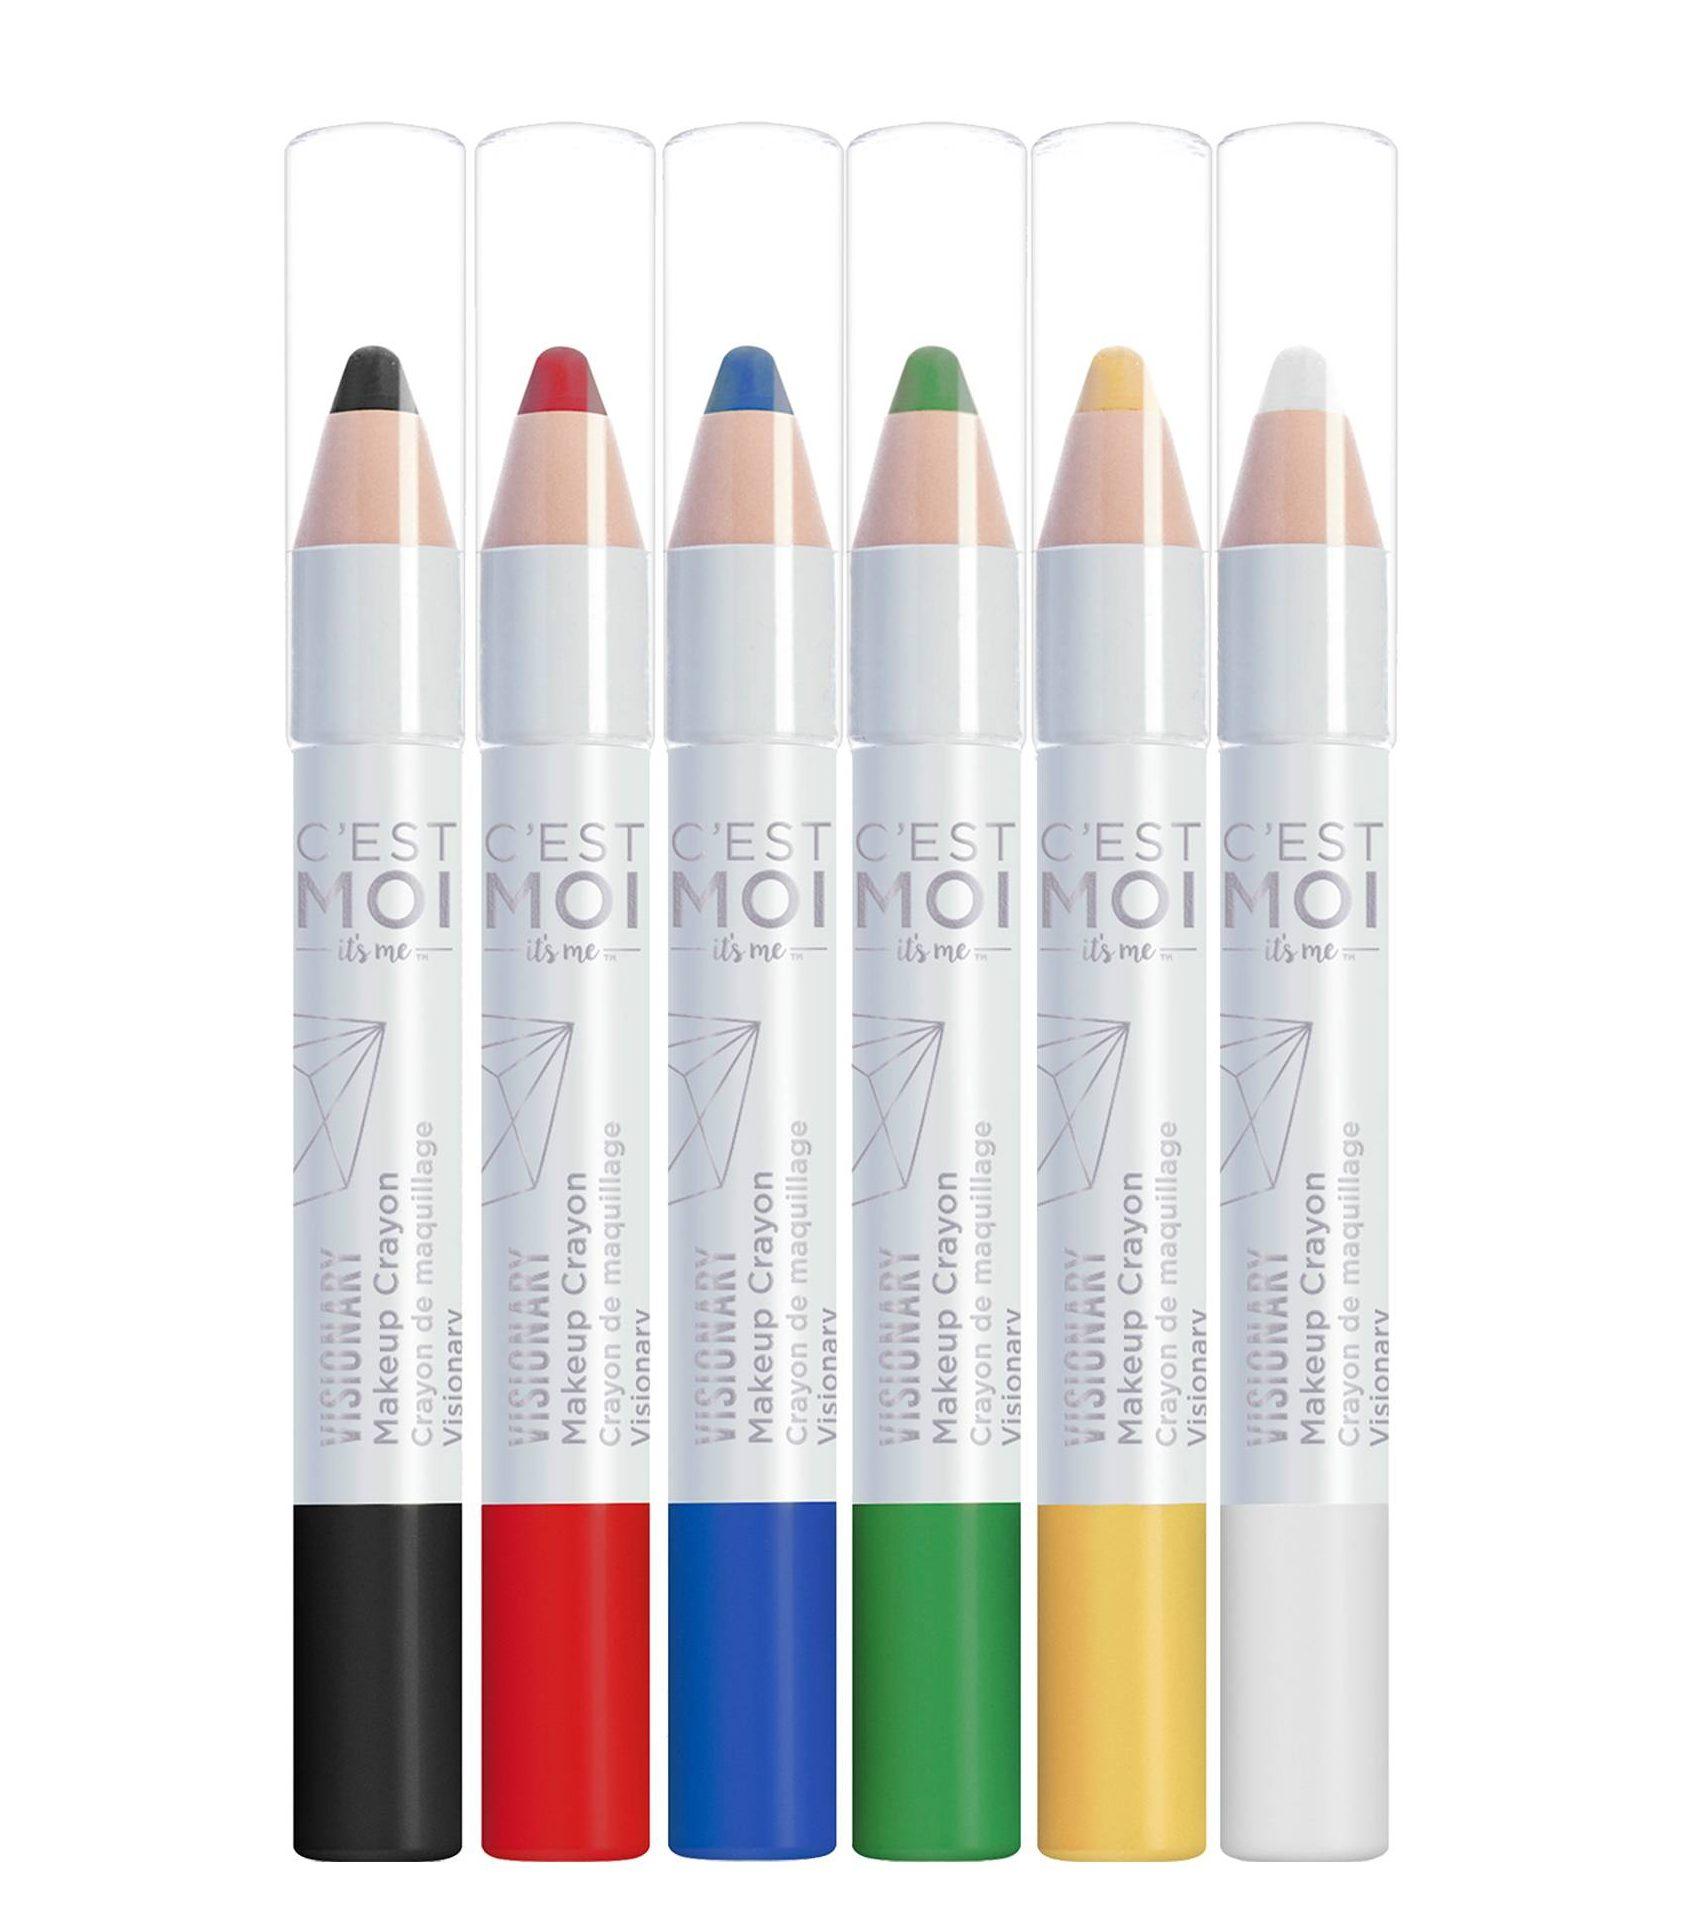 cest moi beauty pencils